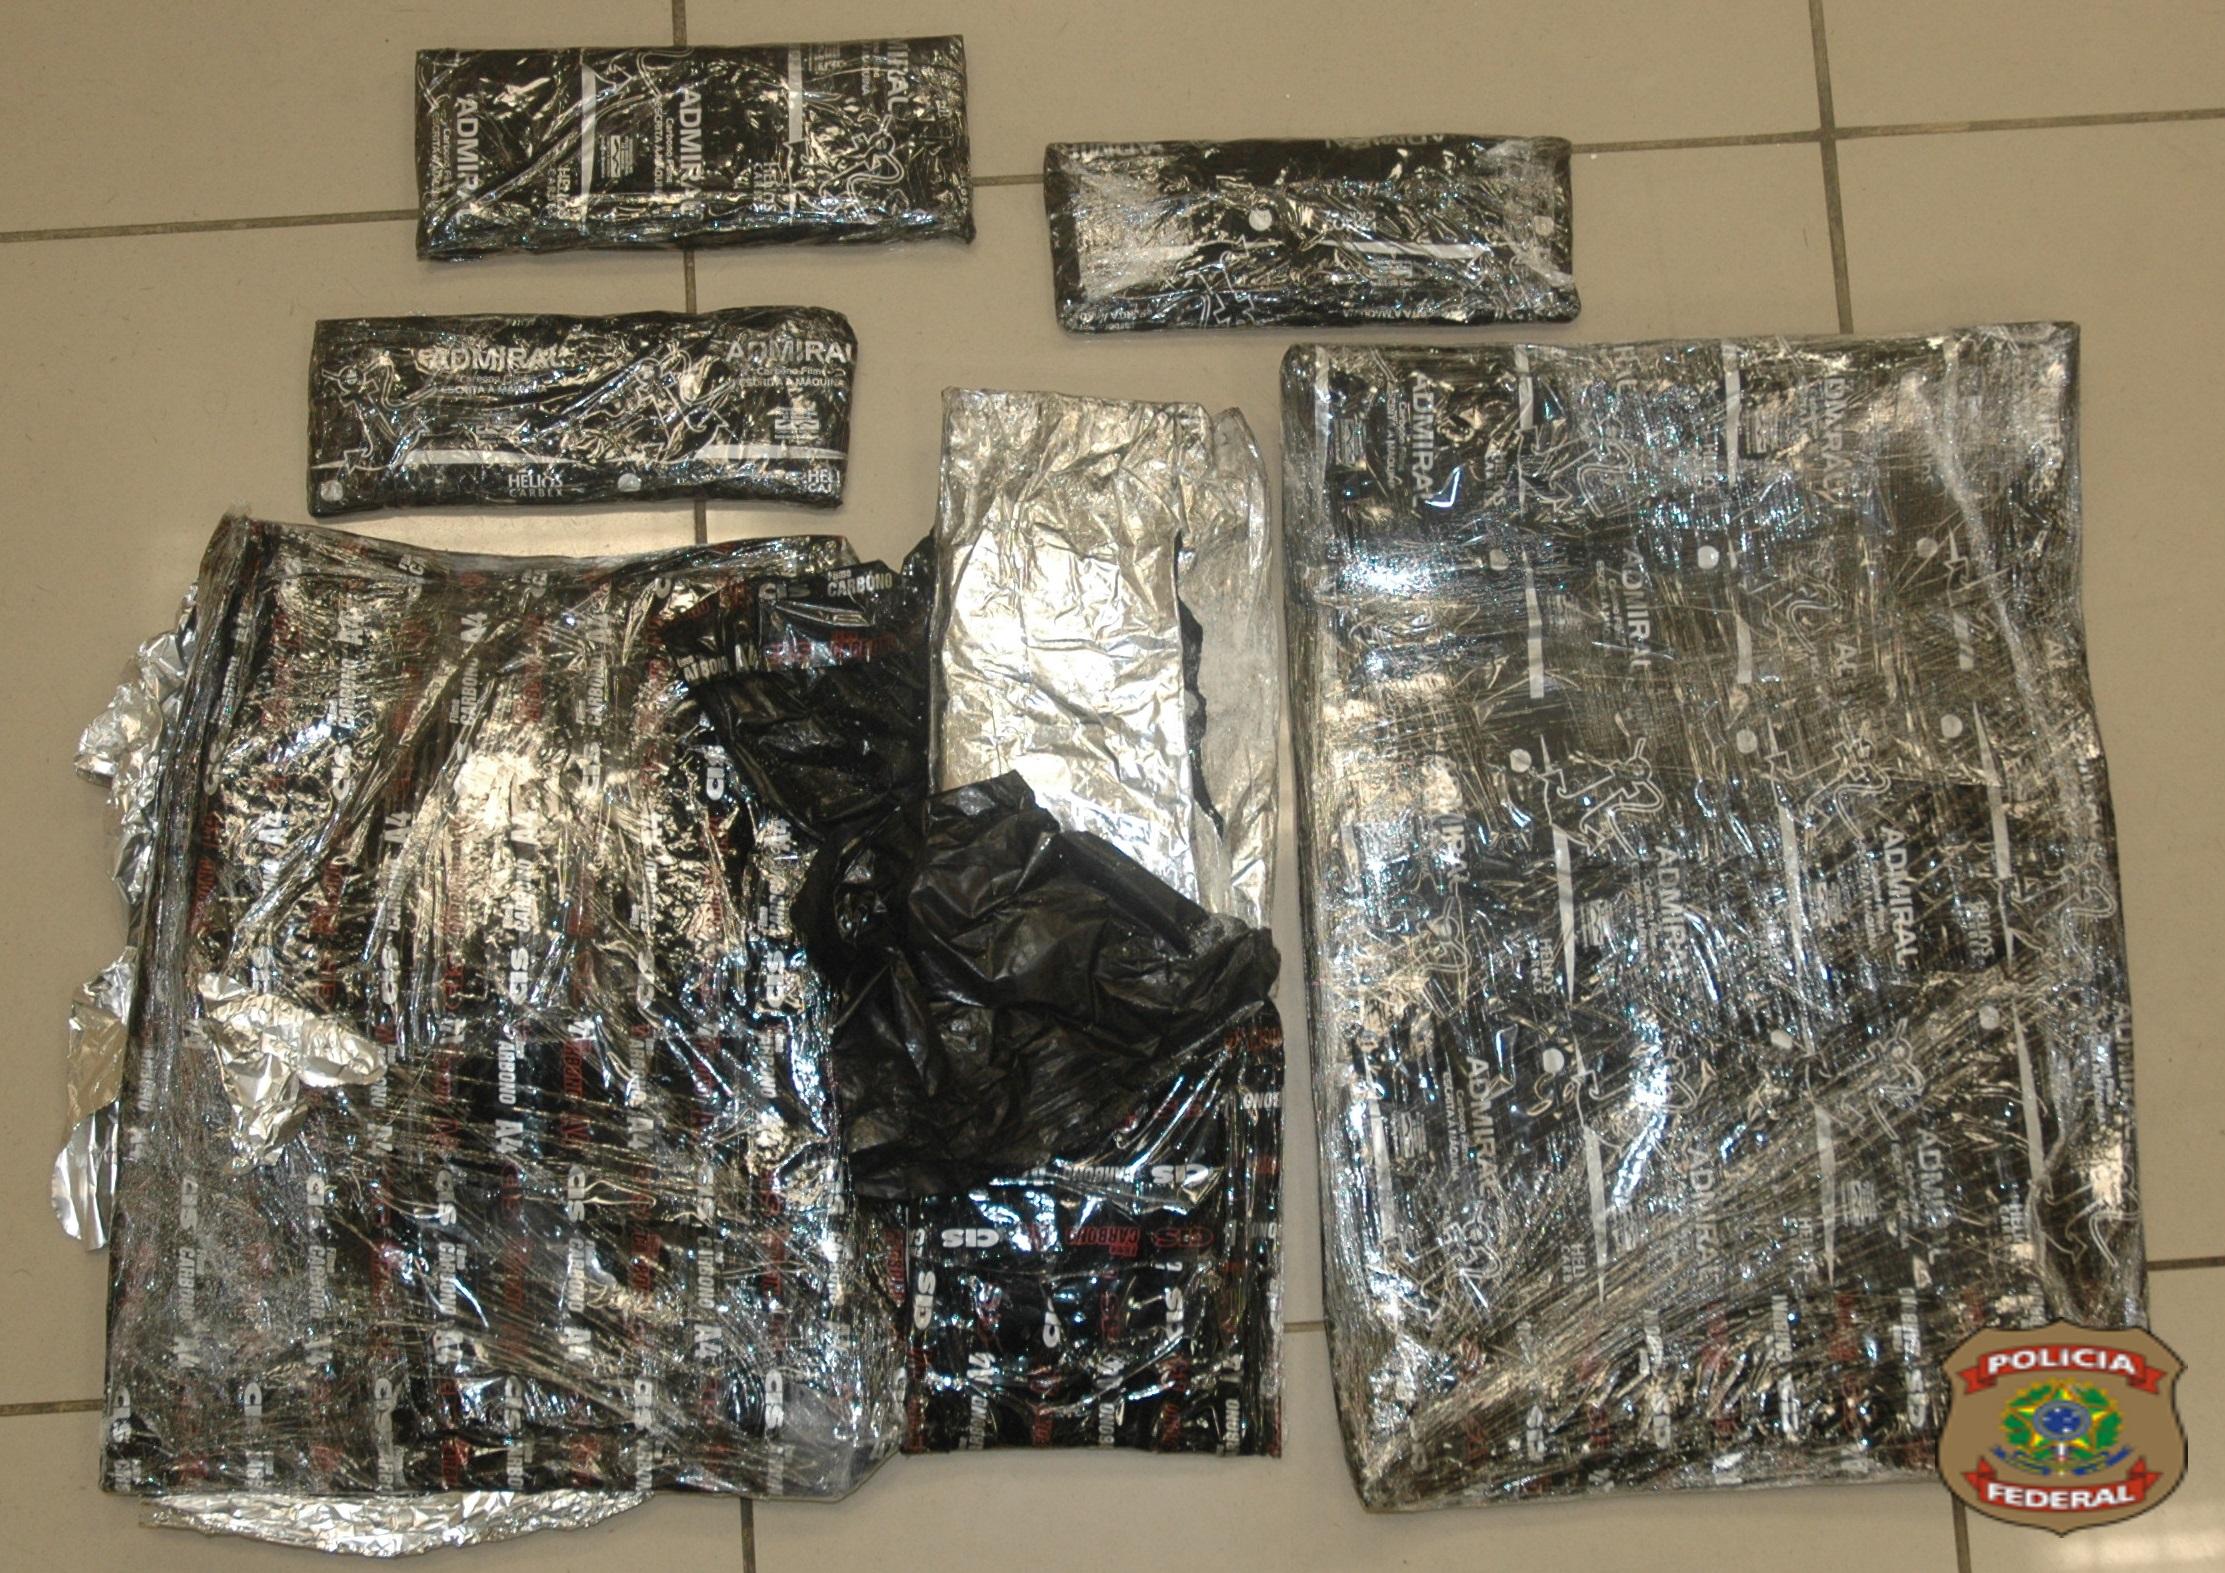 Cocaína é encontrada pela Polícia Federal nas malas de casal de estrangeiros (FOTO: Polícia Federal)